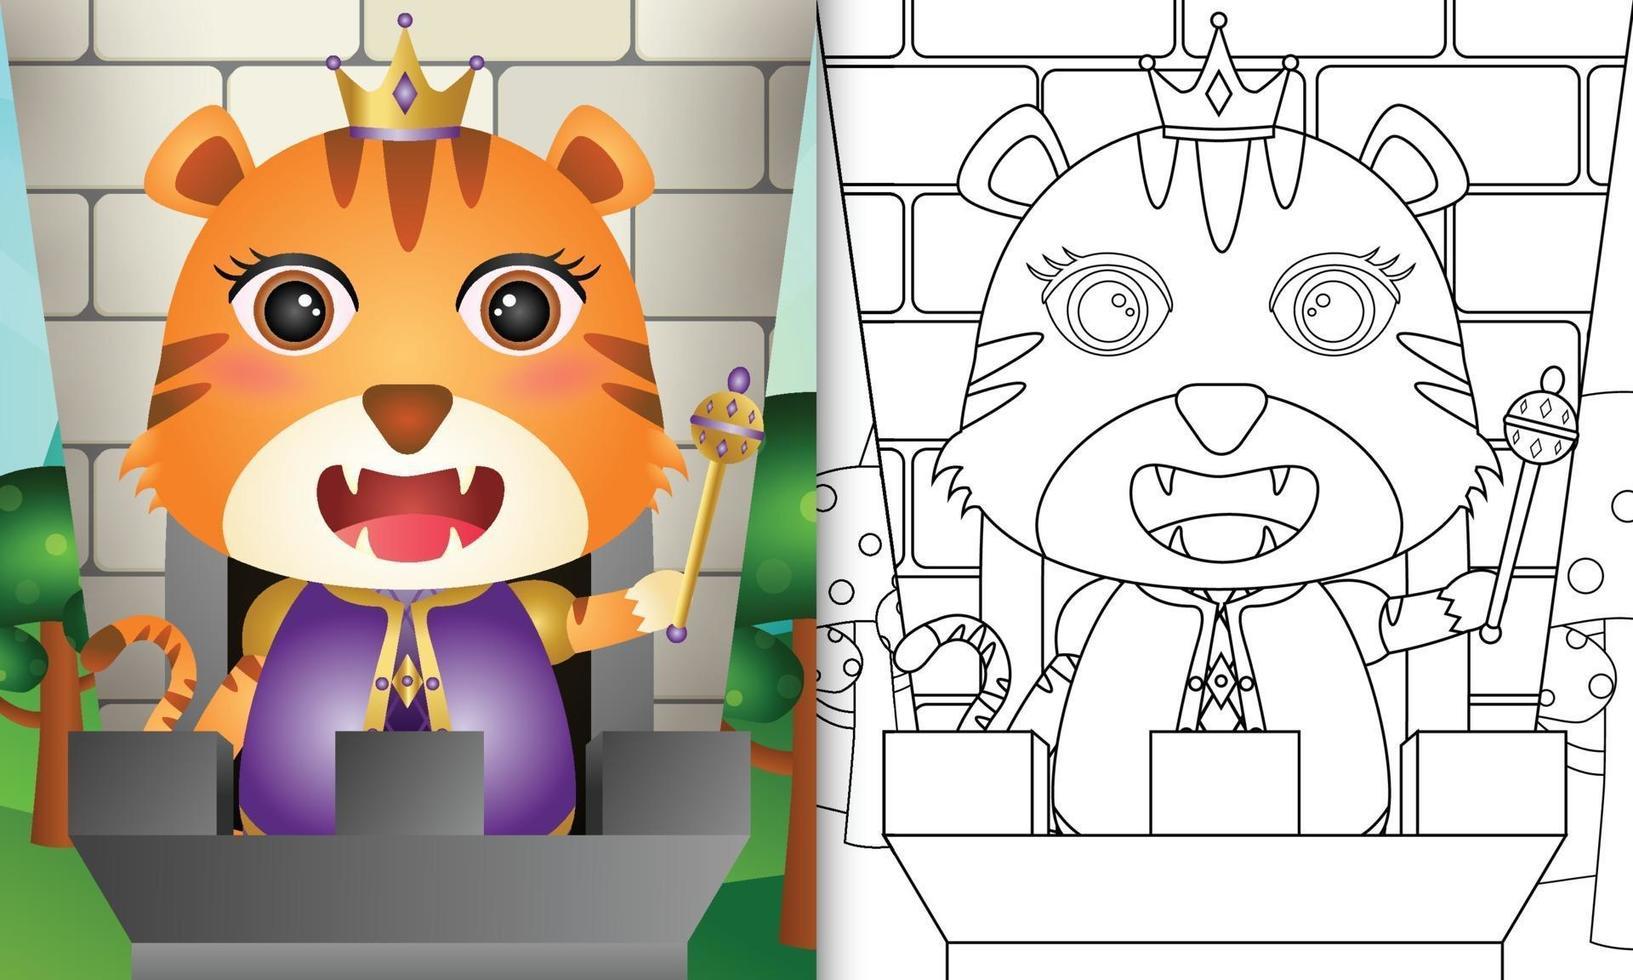 modèle de livre de coloriage pour les enfants avec une illustration de personnage mignon hippopotame tigre vecteur